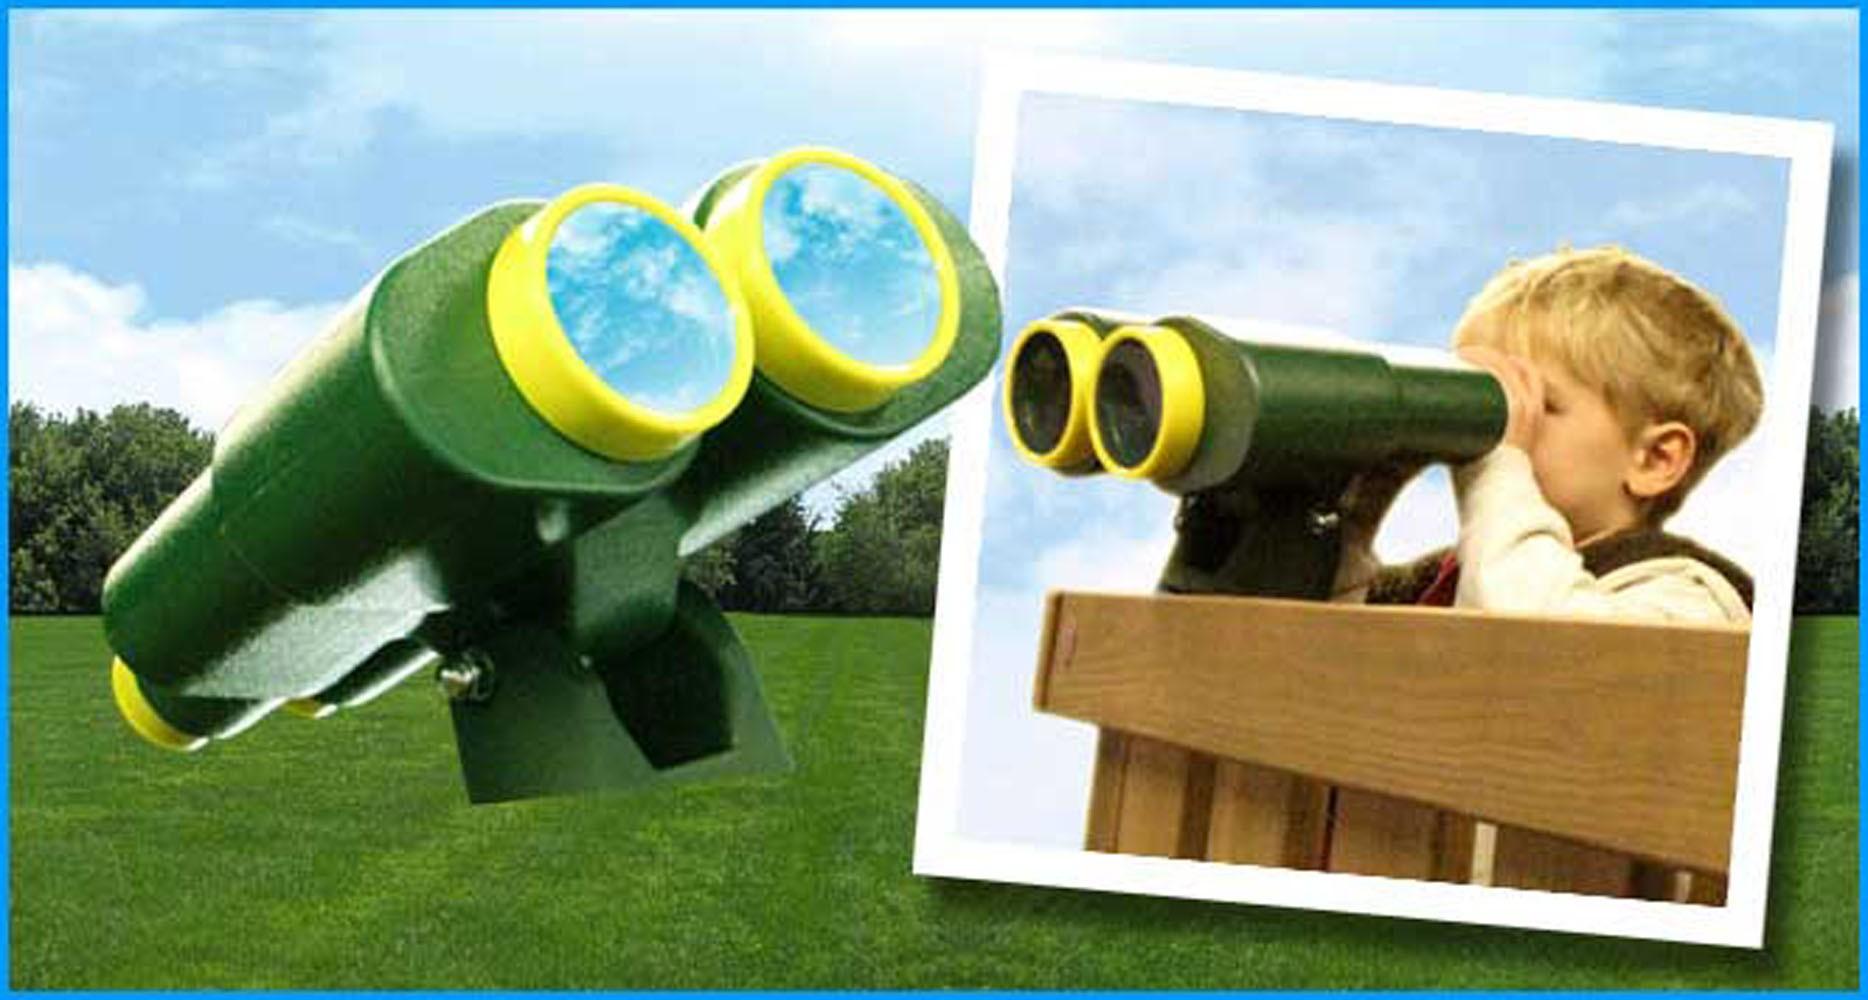 Kidwise Green and Yellow Binoculars